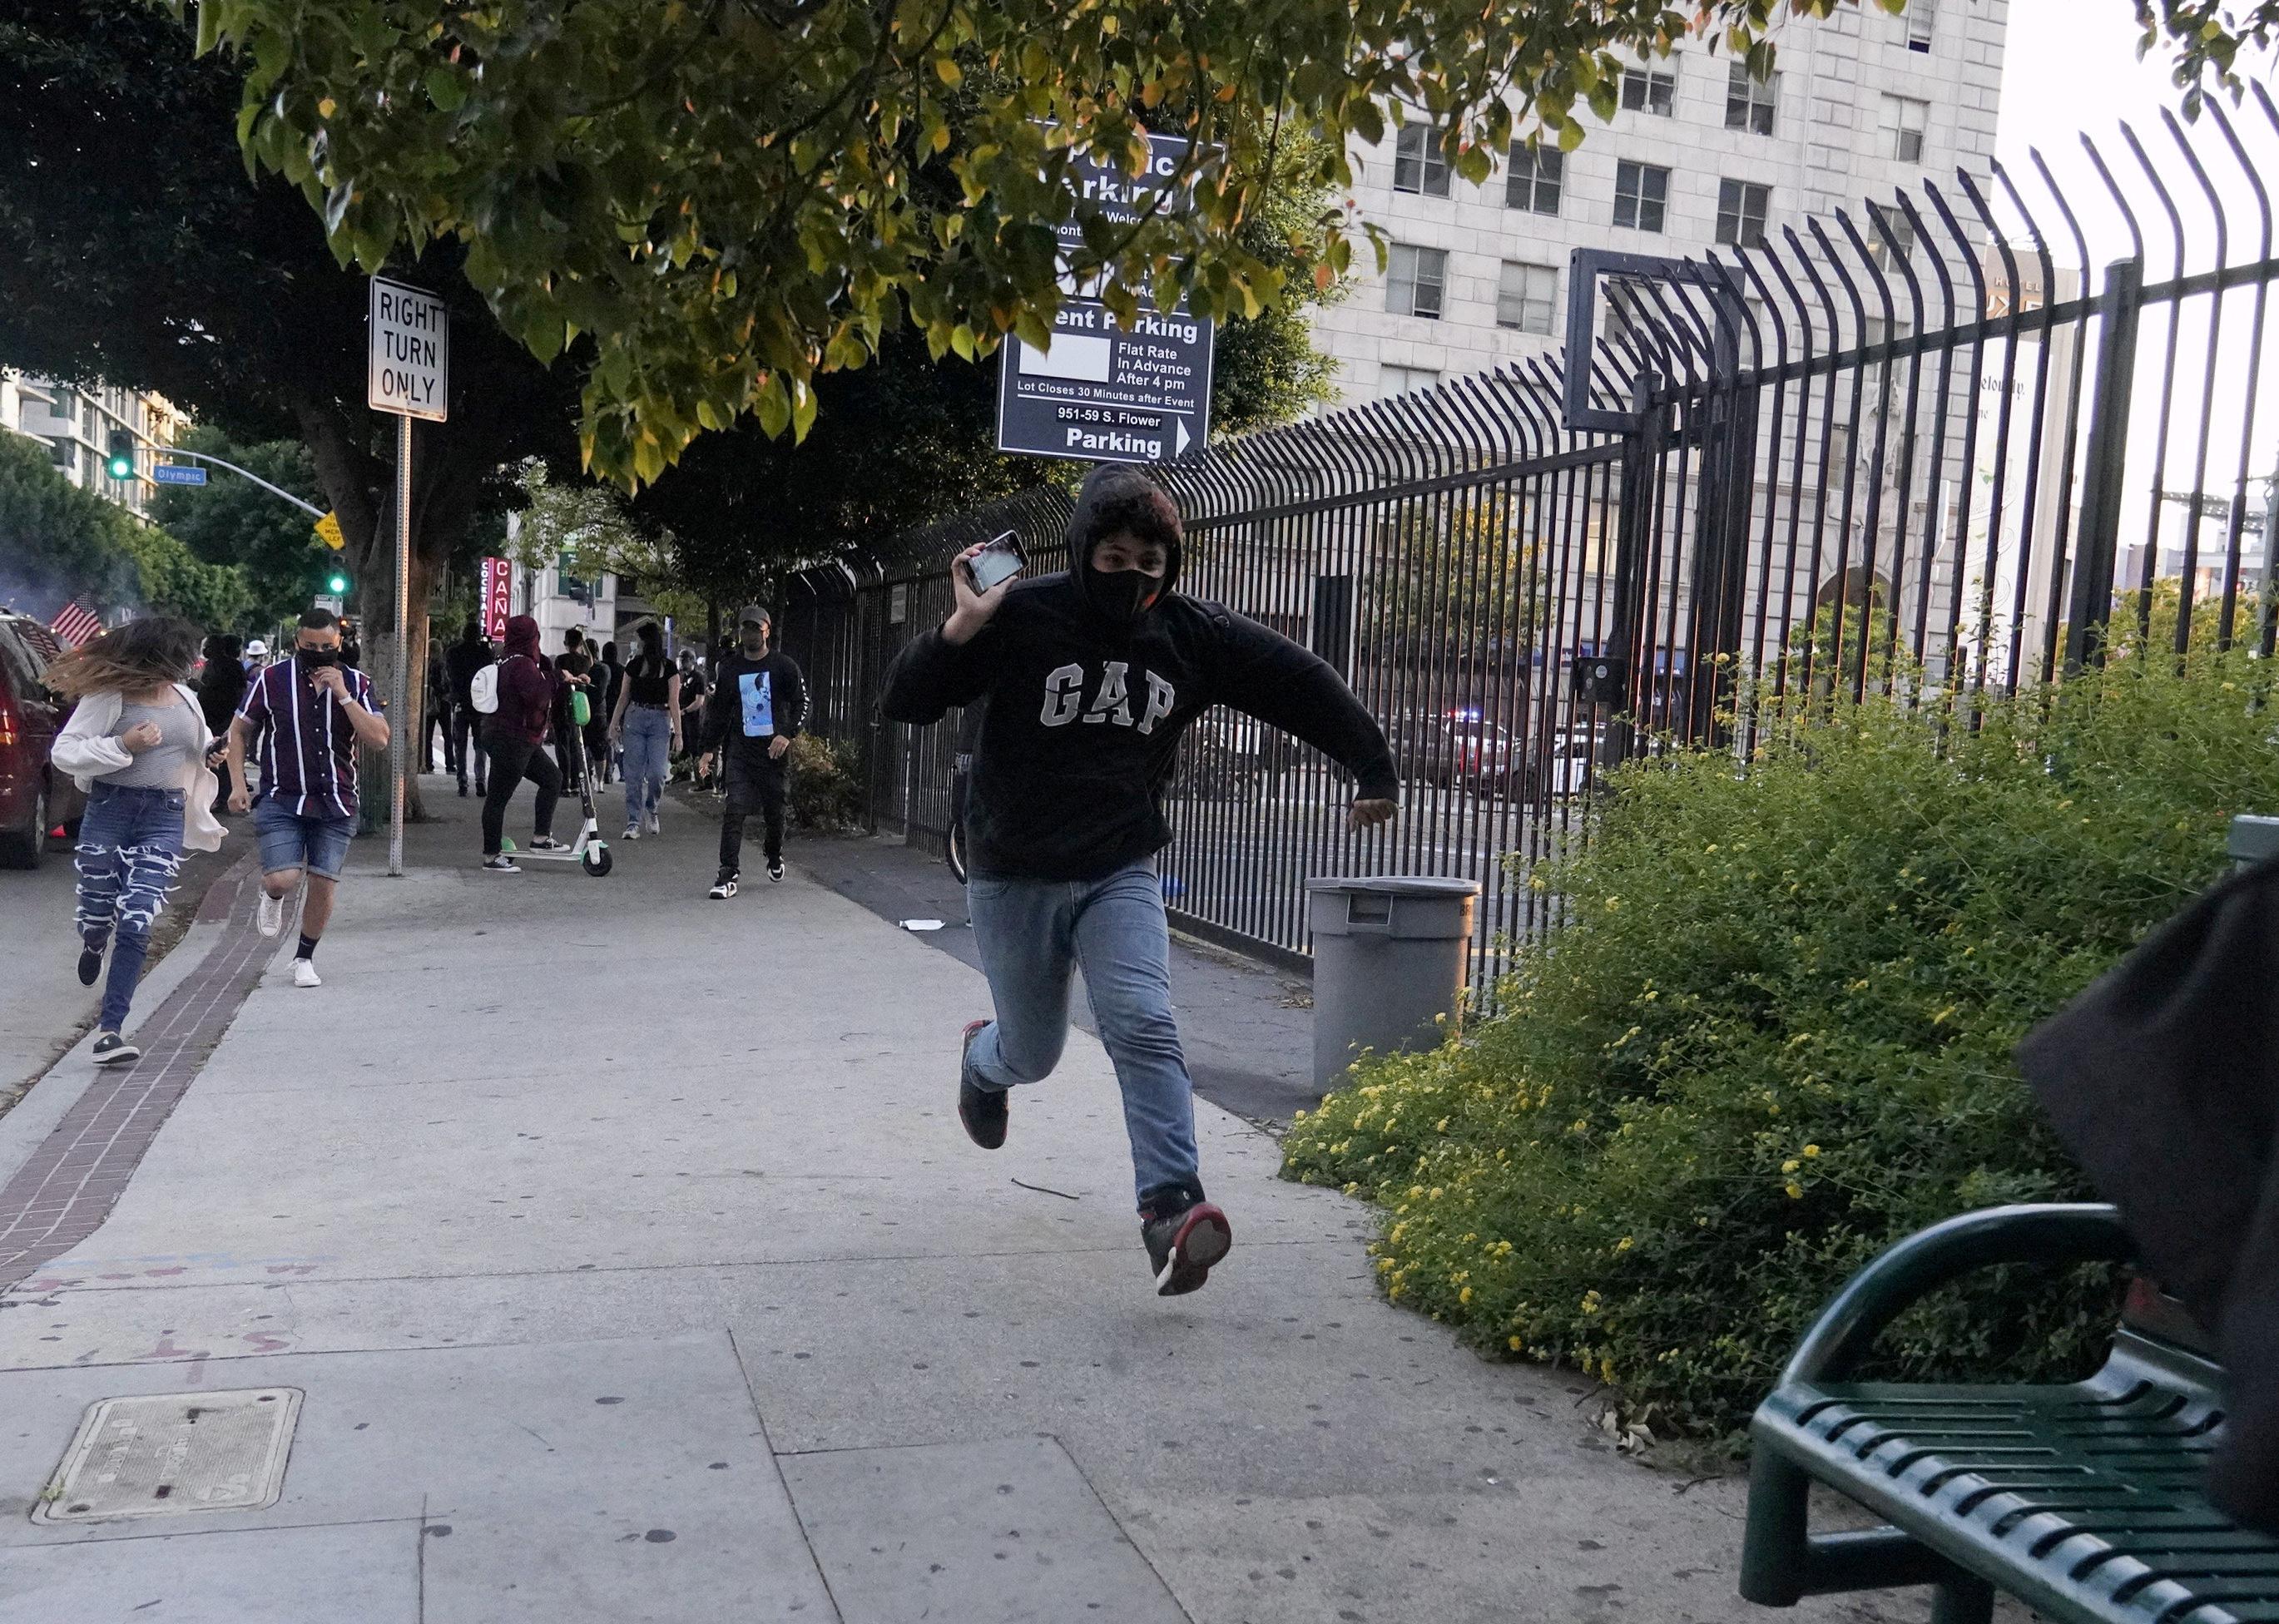 Un joven corre con un celular en Los Angeles